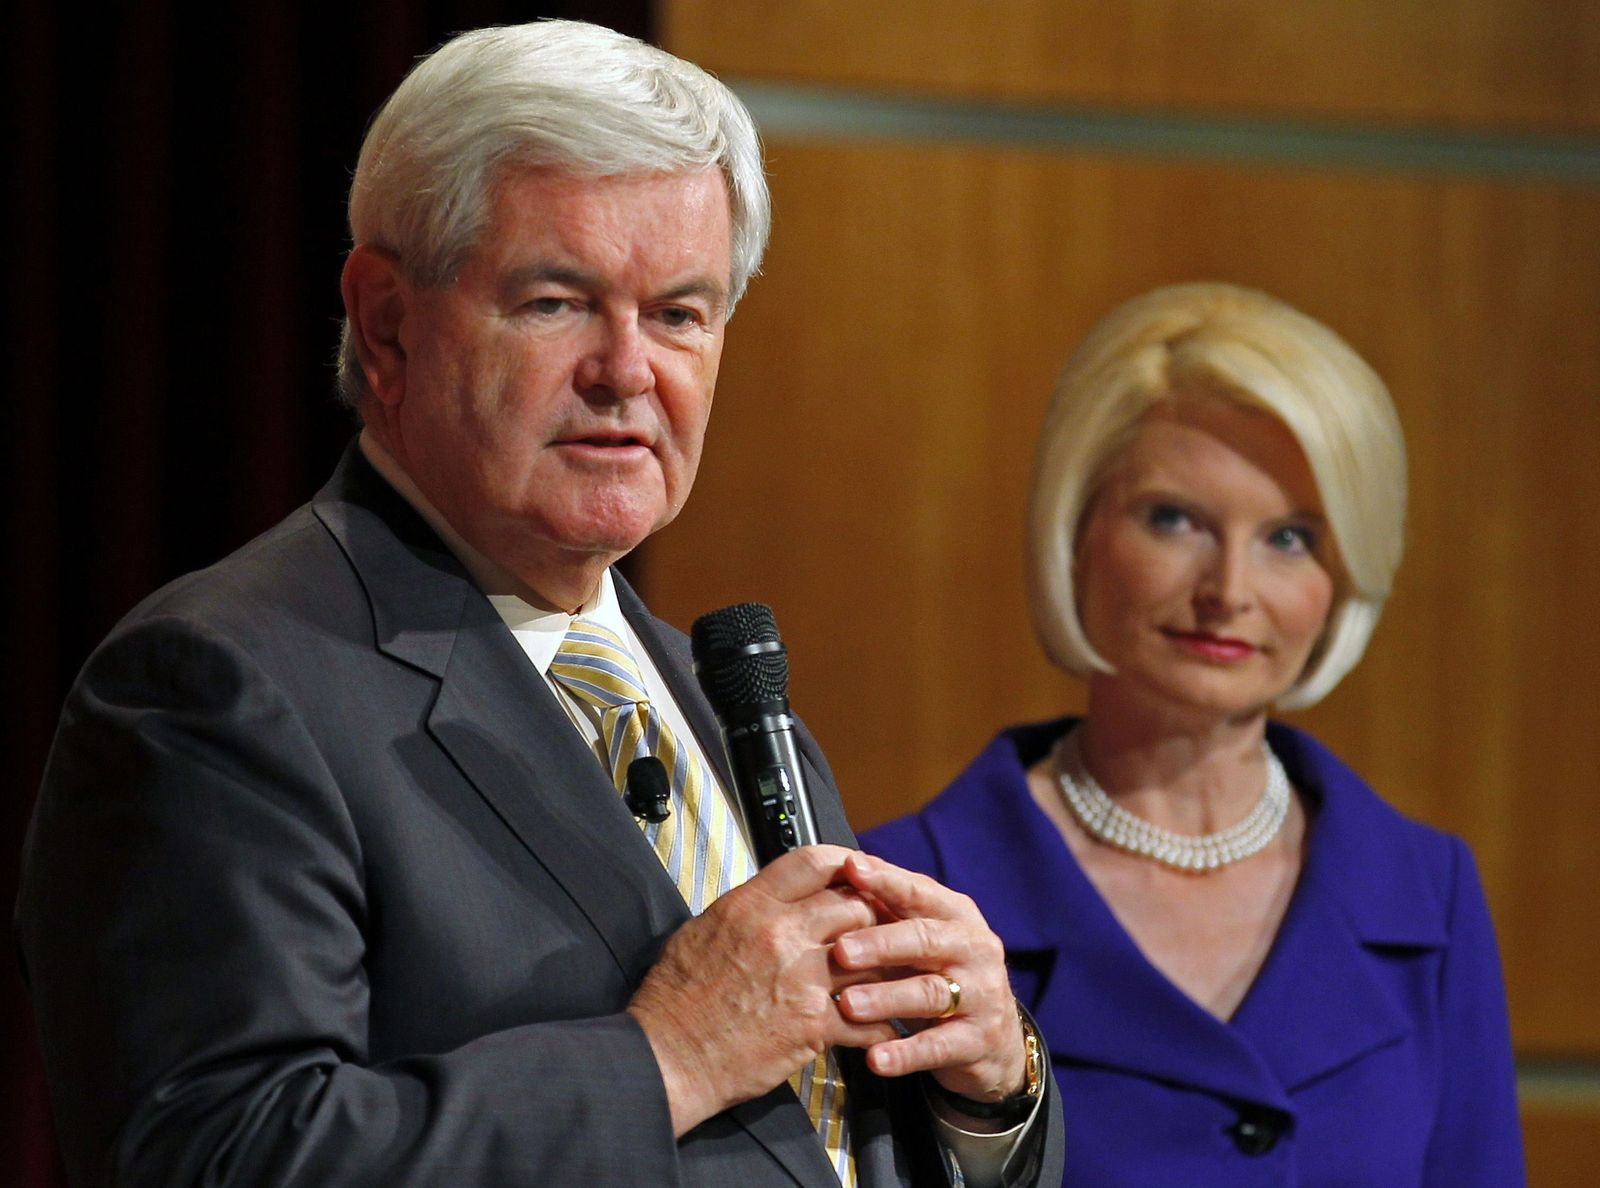 Gingrich und Callista